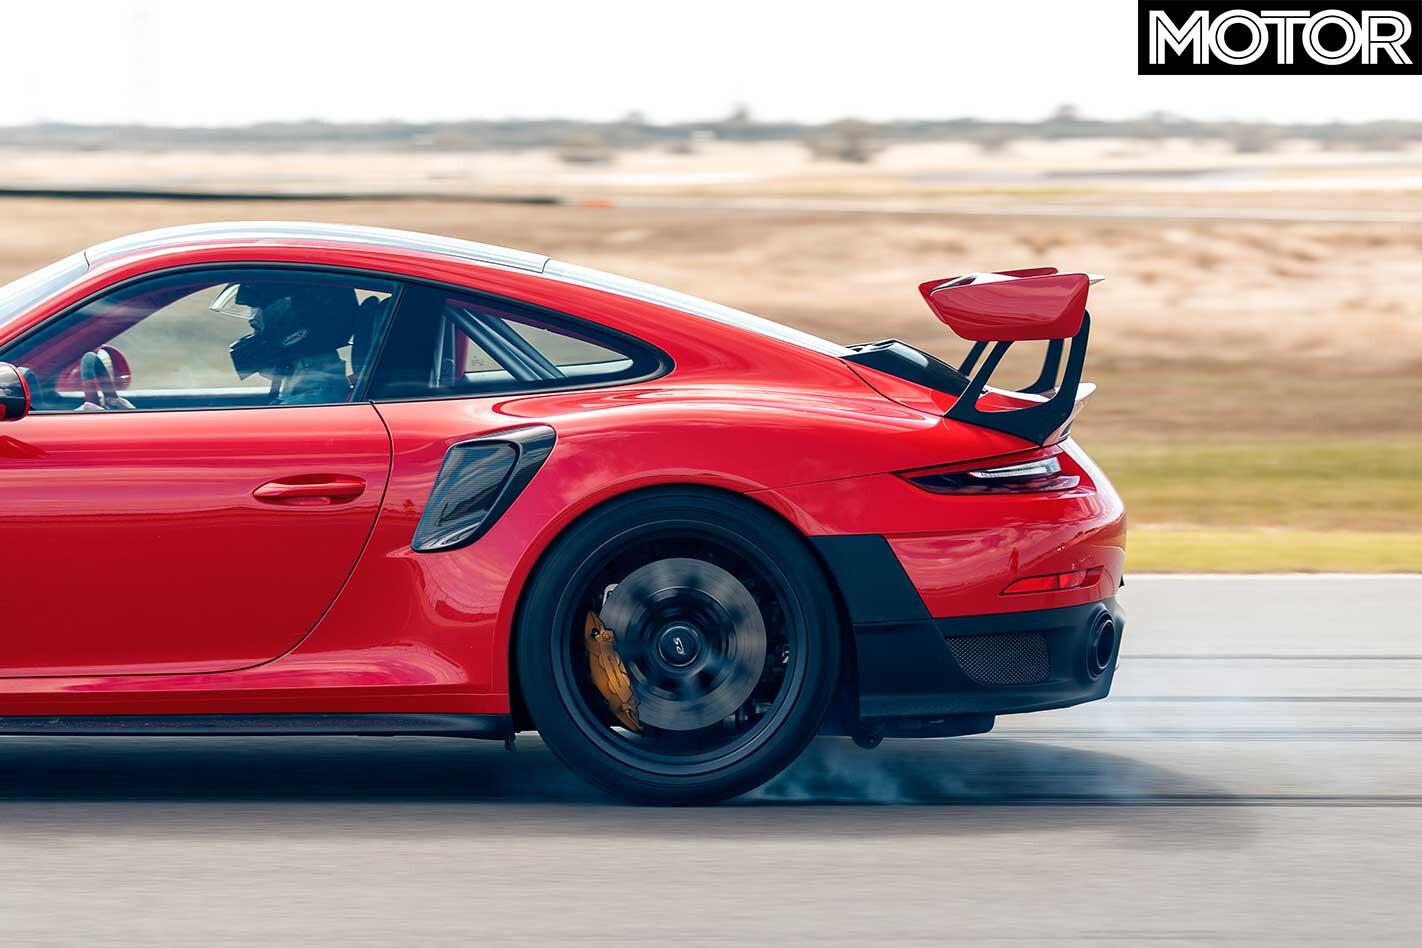 2019 Porsche 911 GT 2 RS Acceleration Test Jpg